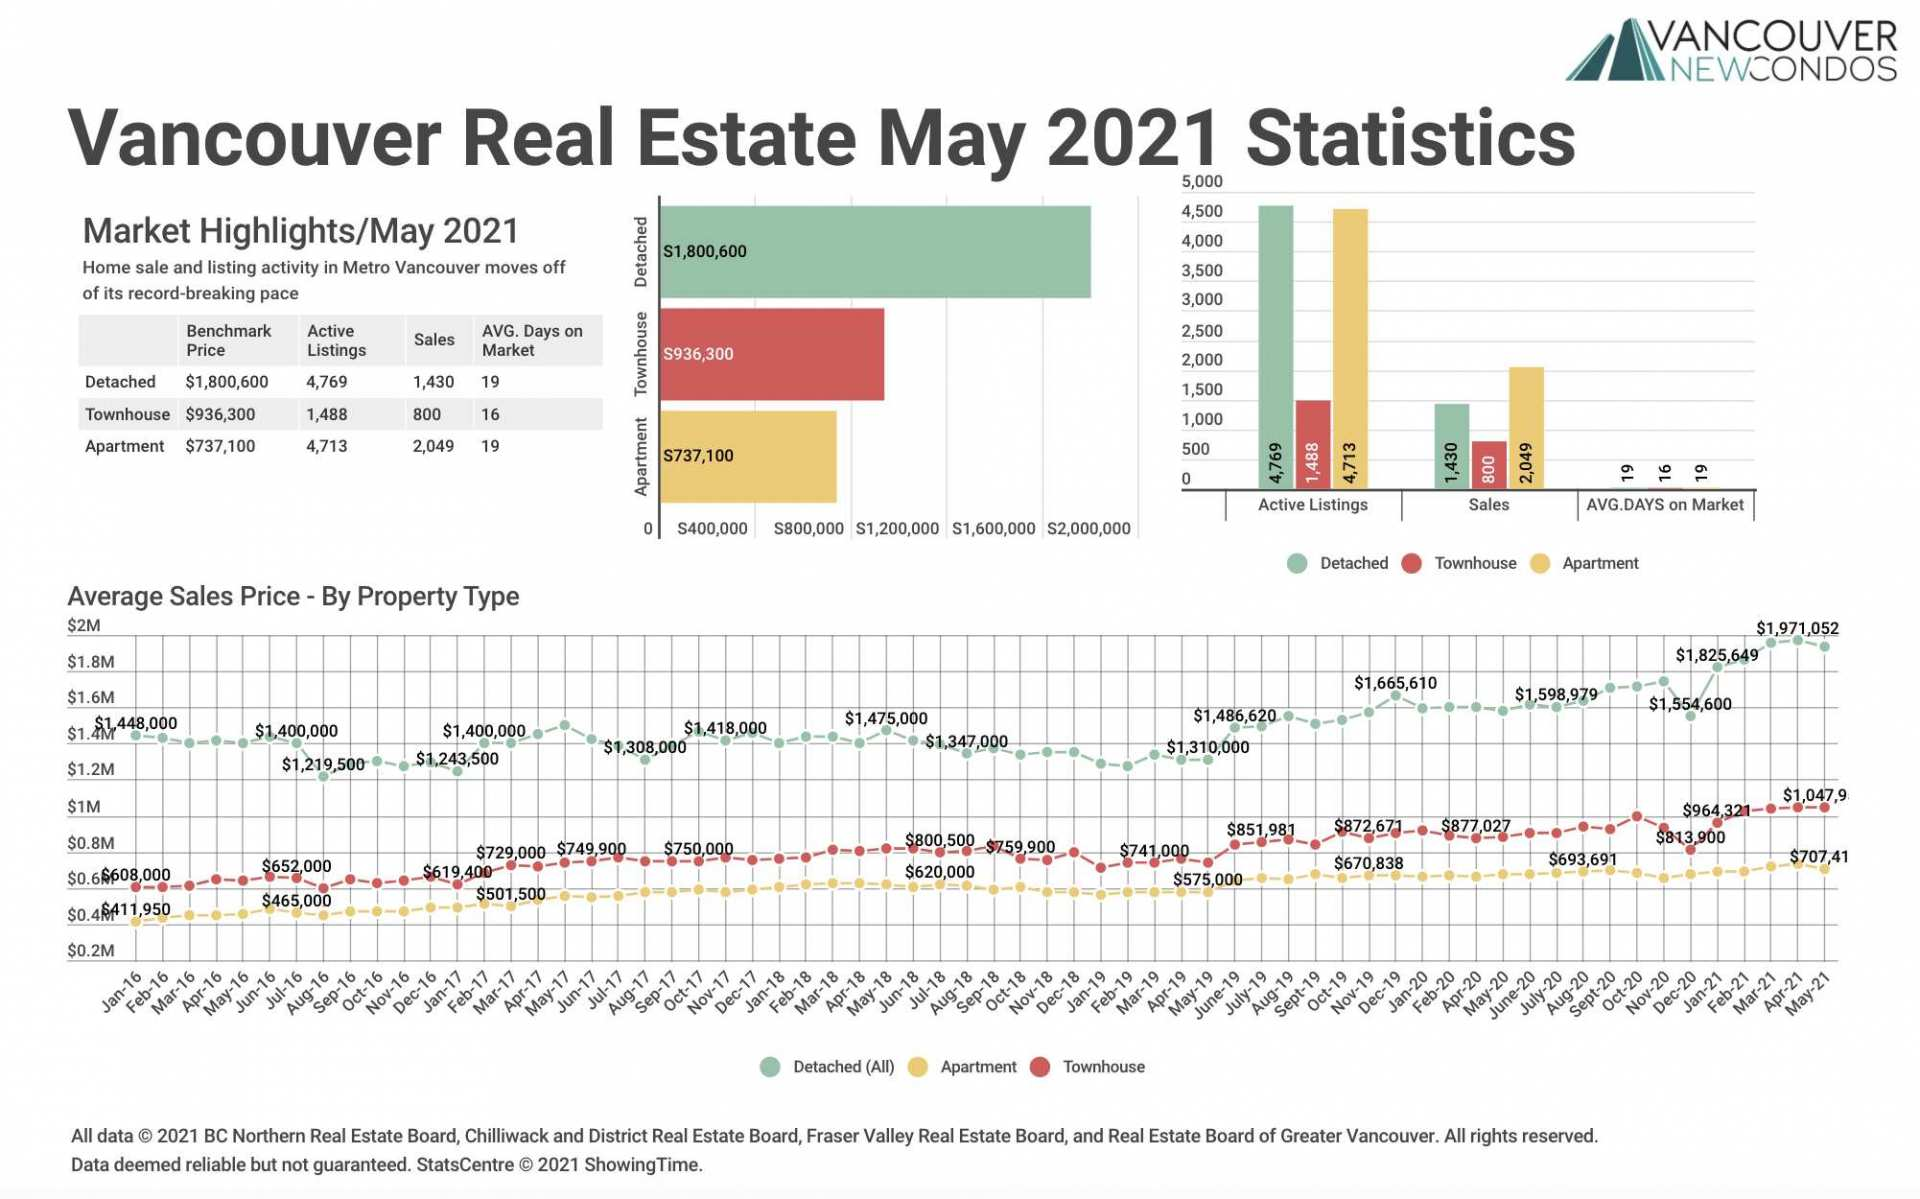 REBGV May 21 Stats